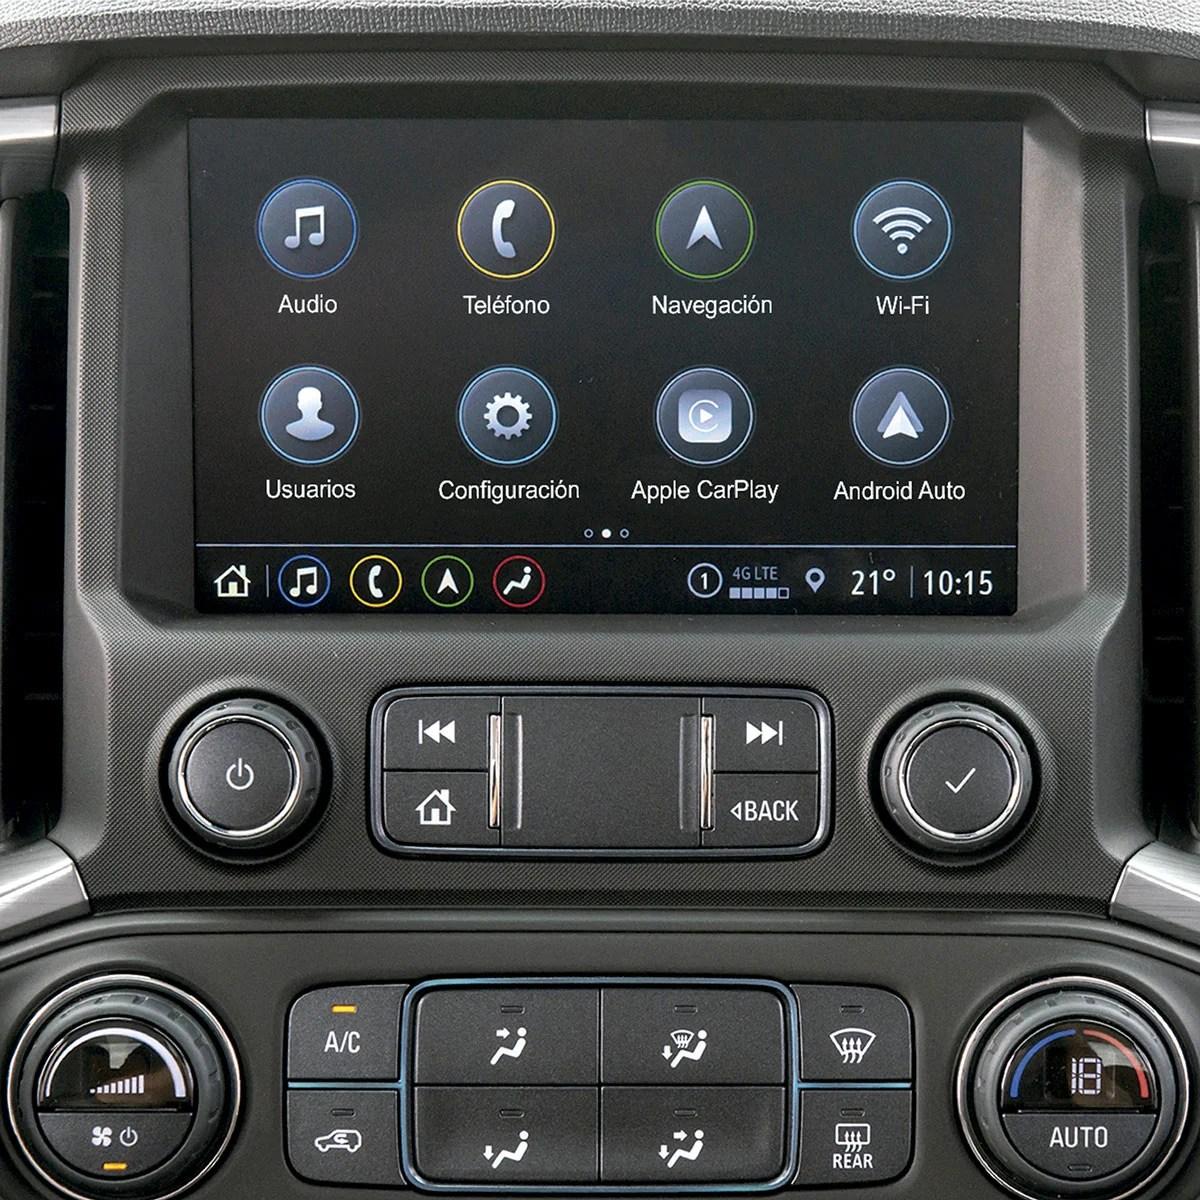 Chevrolet Trailblazer 2022